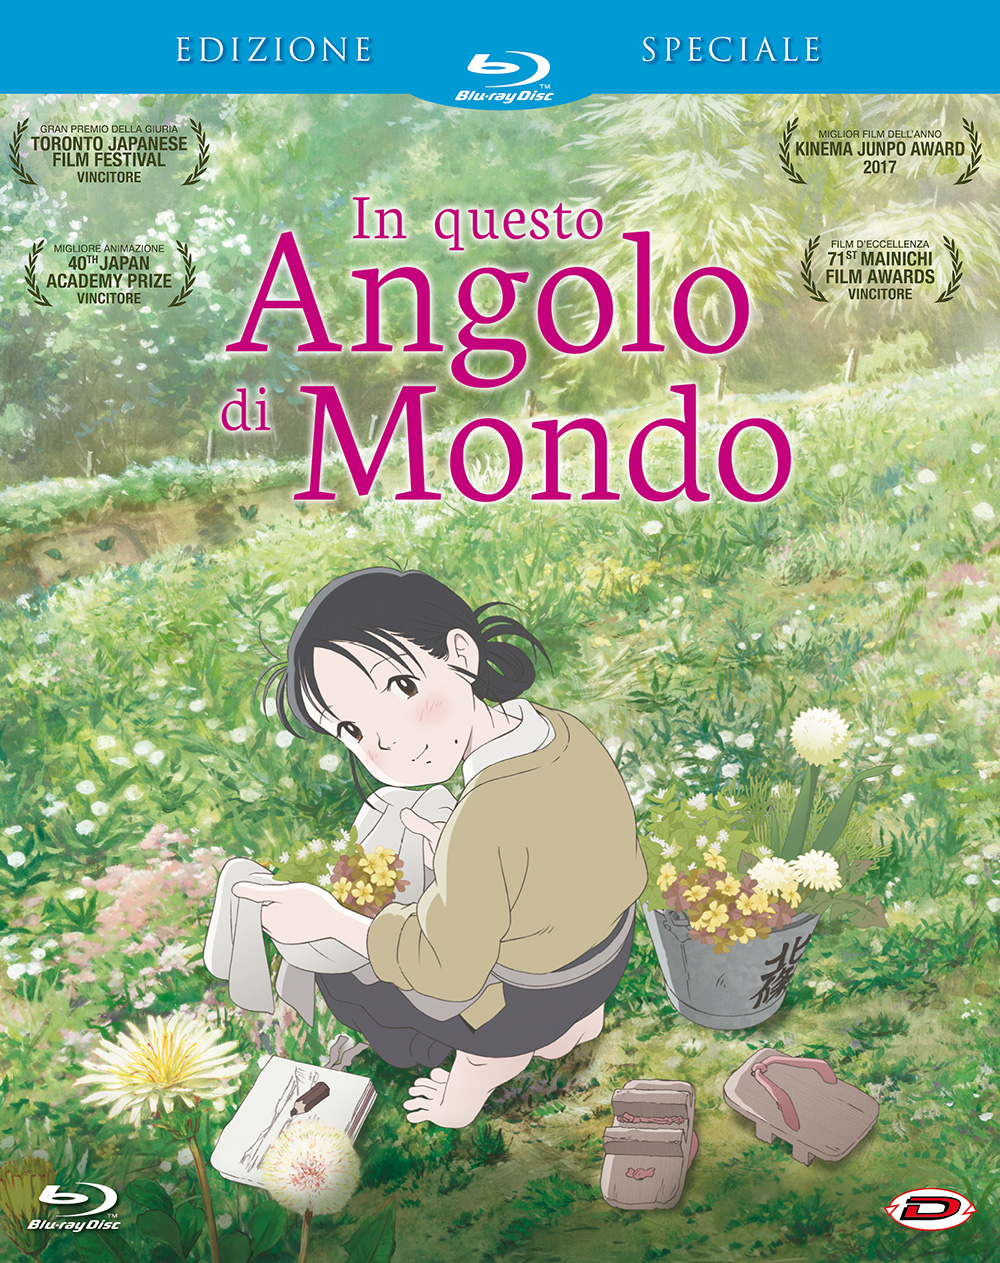 IN QUESTO ANGOLO DI MONDO (SE) (FIRST PRESS) - BLU RAY